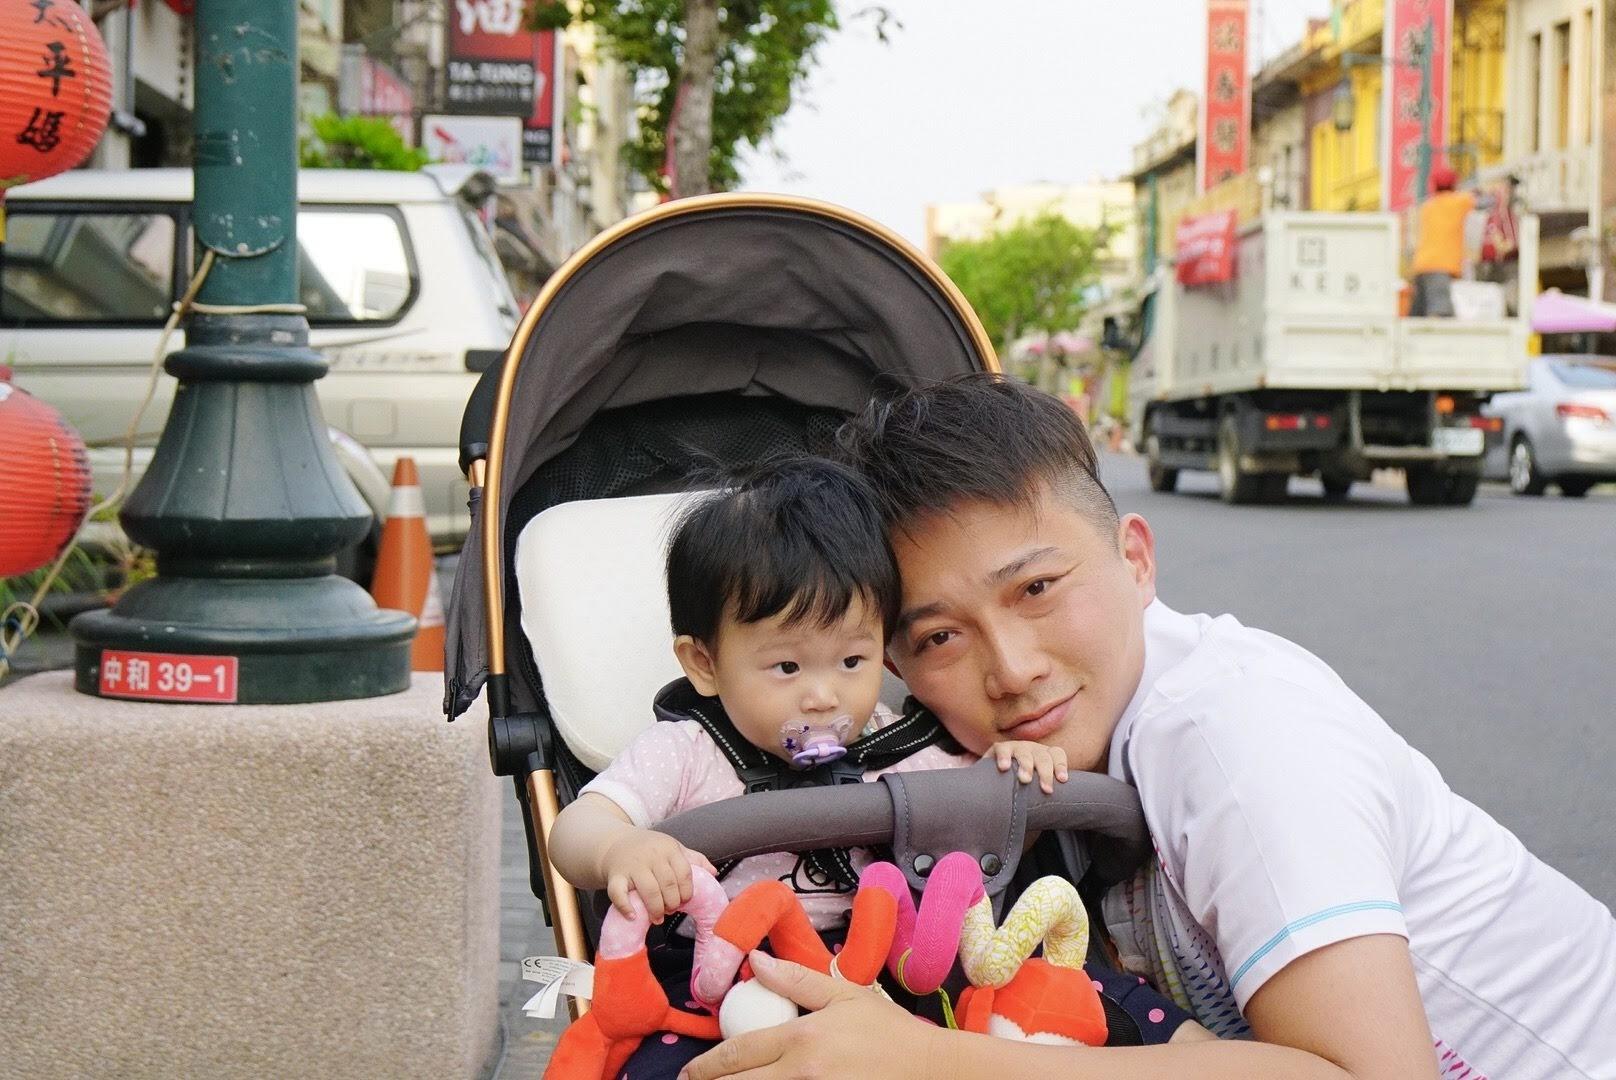 【旅行】西螺延平老街 帶著寶寶輕旅行